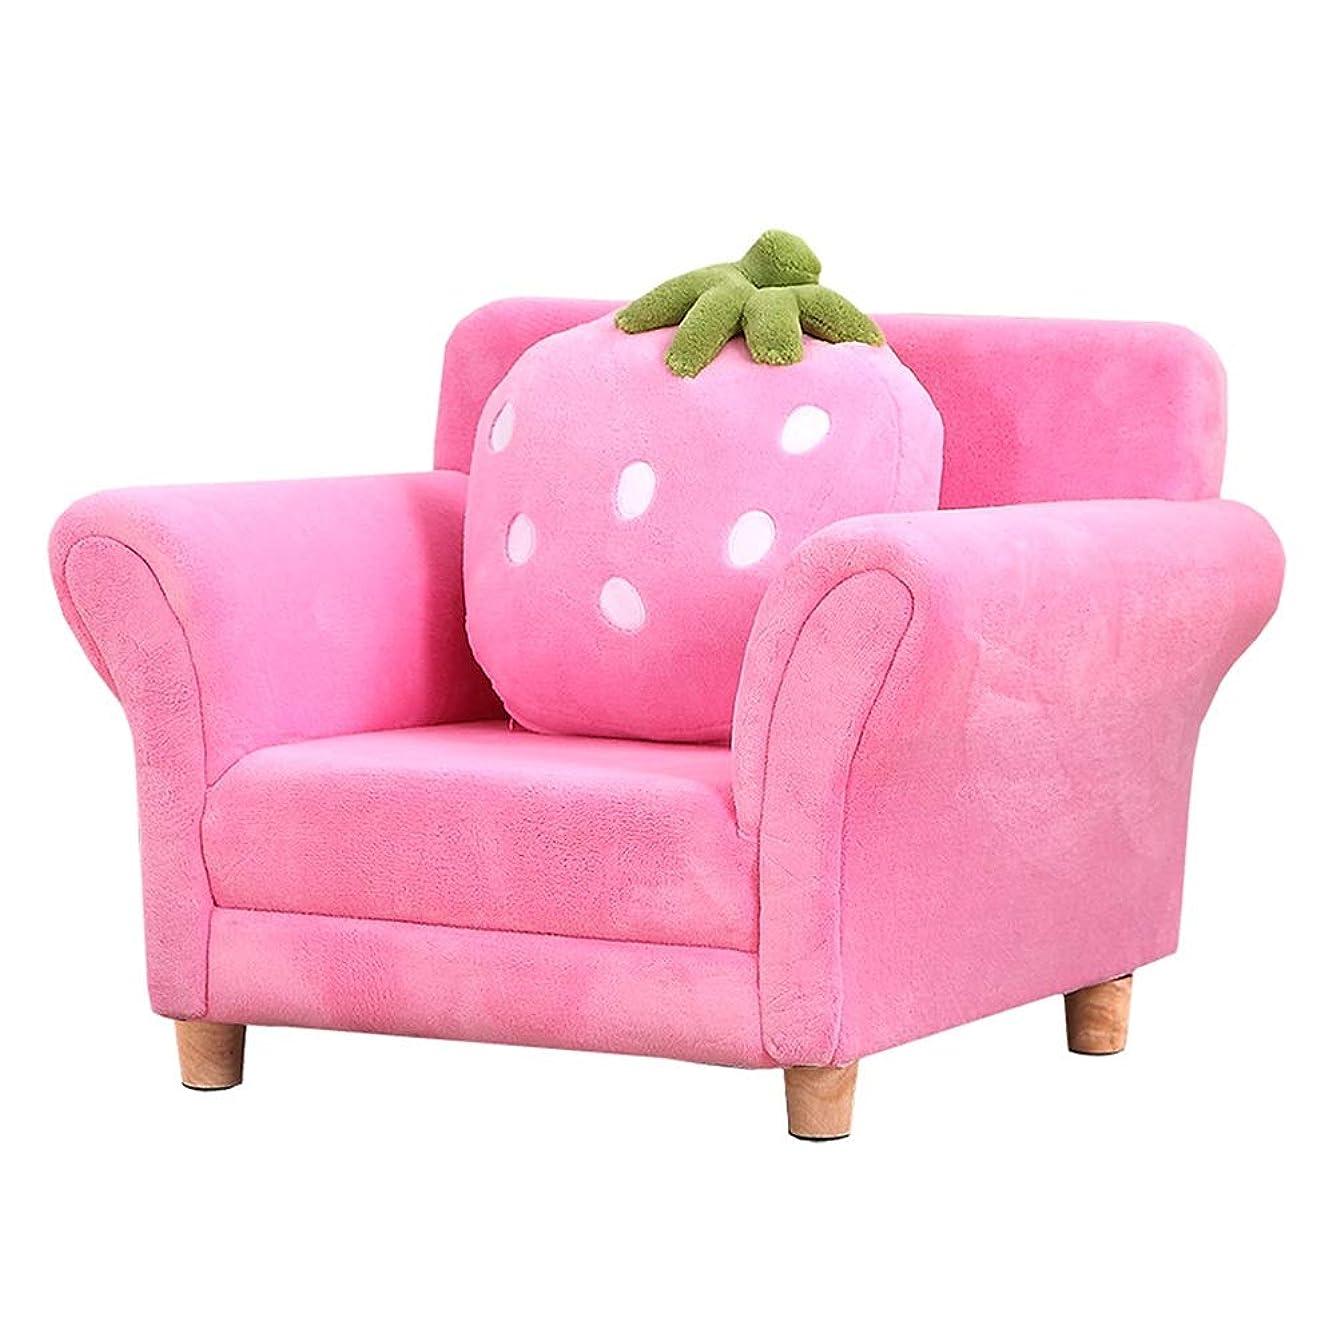 汚染オーケストラ走るサイドテーブル 現代の子どものアームチェアソファリビングルームの家具ソファピンクイチゴ柄 サイドテーブルのリビングルーム (色 : ピンク, サイズ : 48x55x67cm)